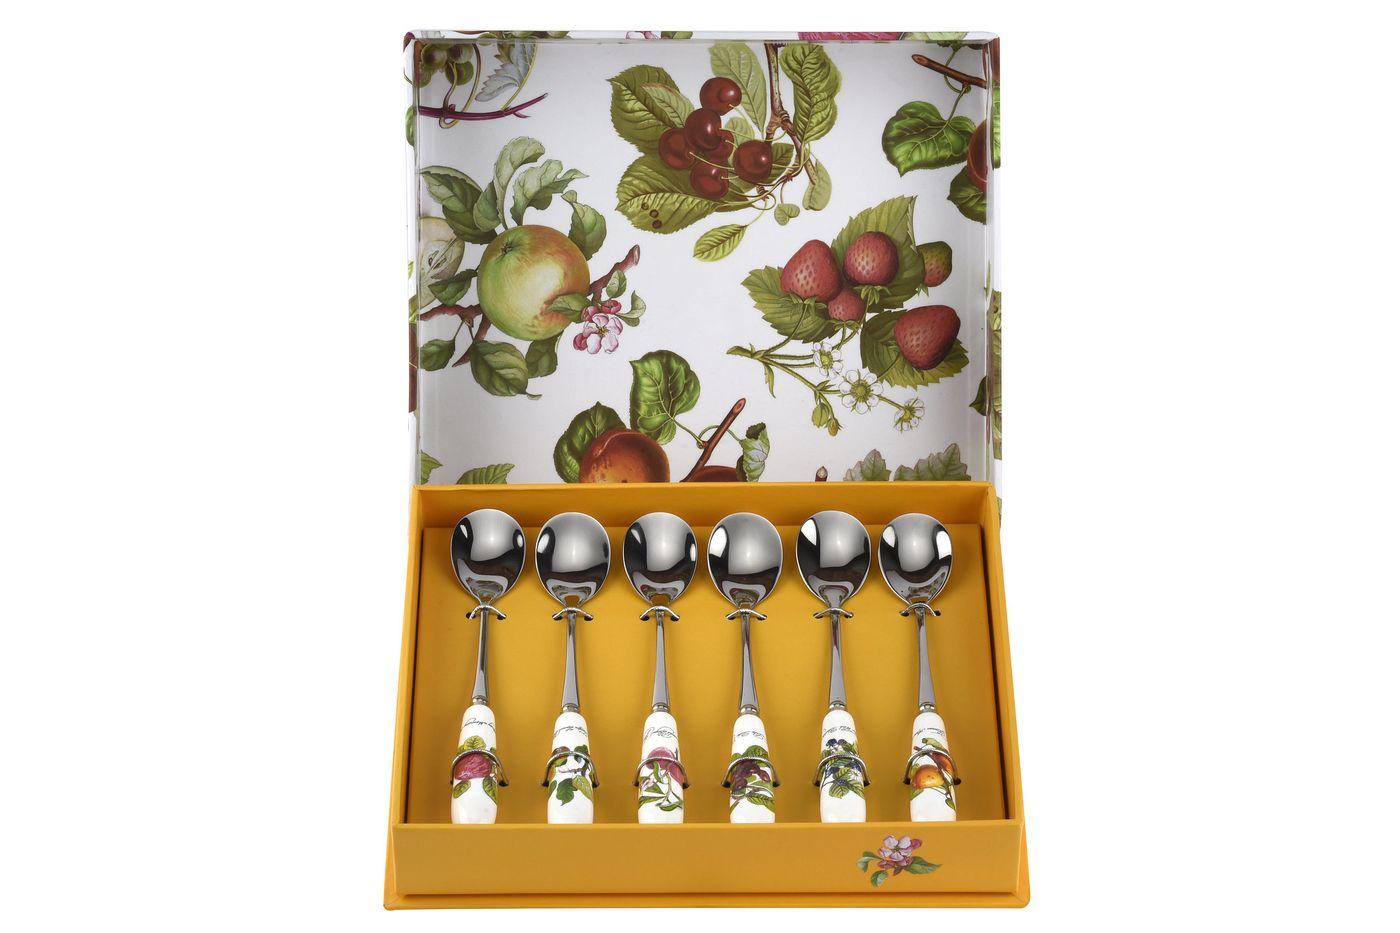 Portmeirion Pomona Tea Spoon Set Set of 6 thumb 2